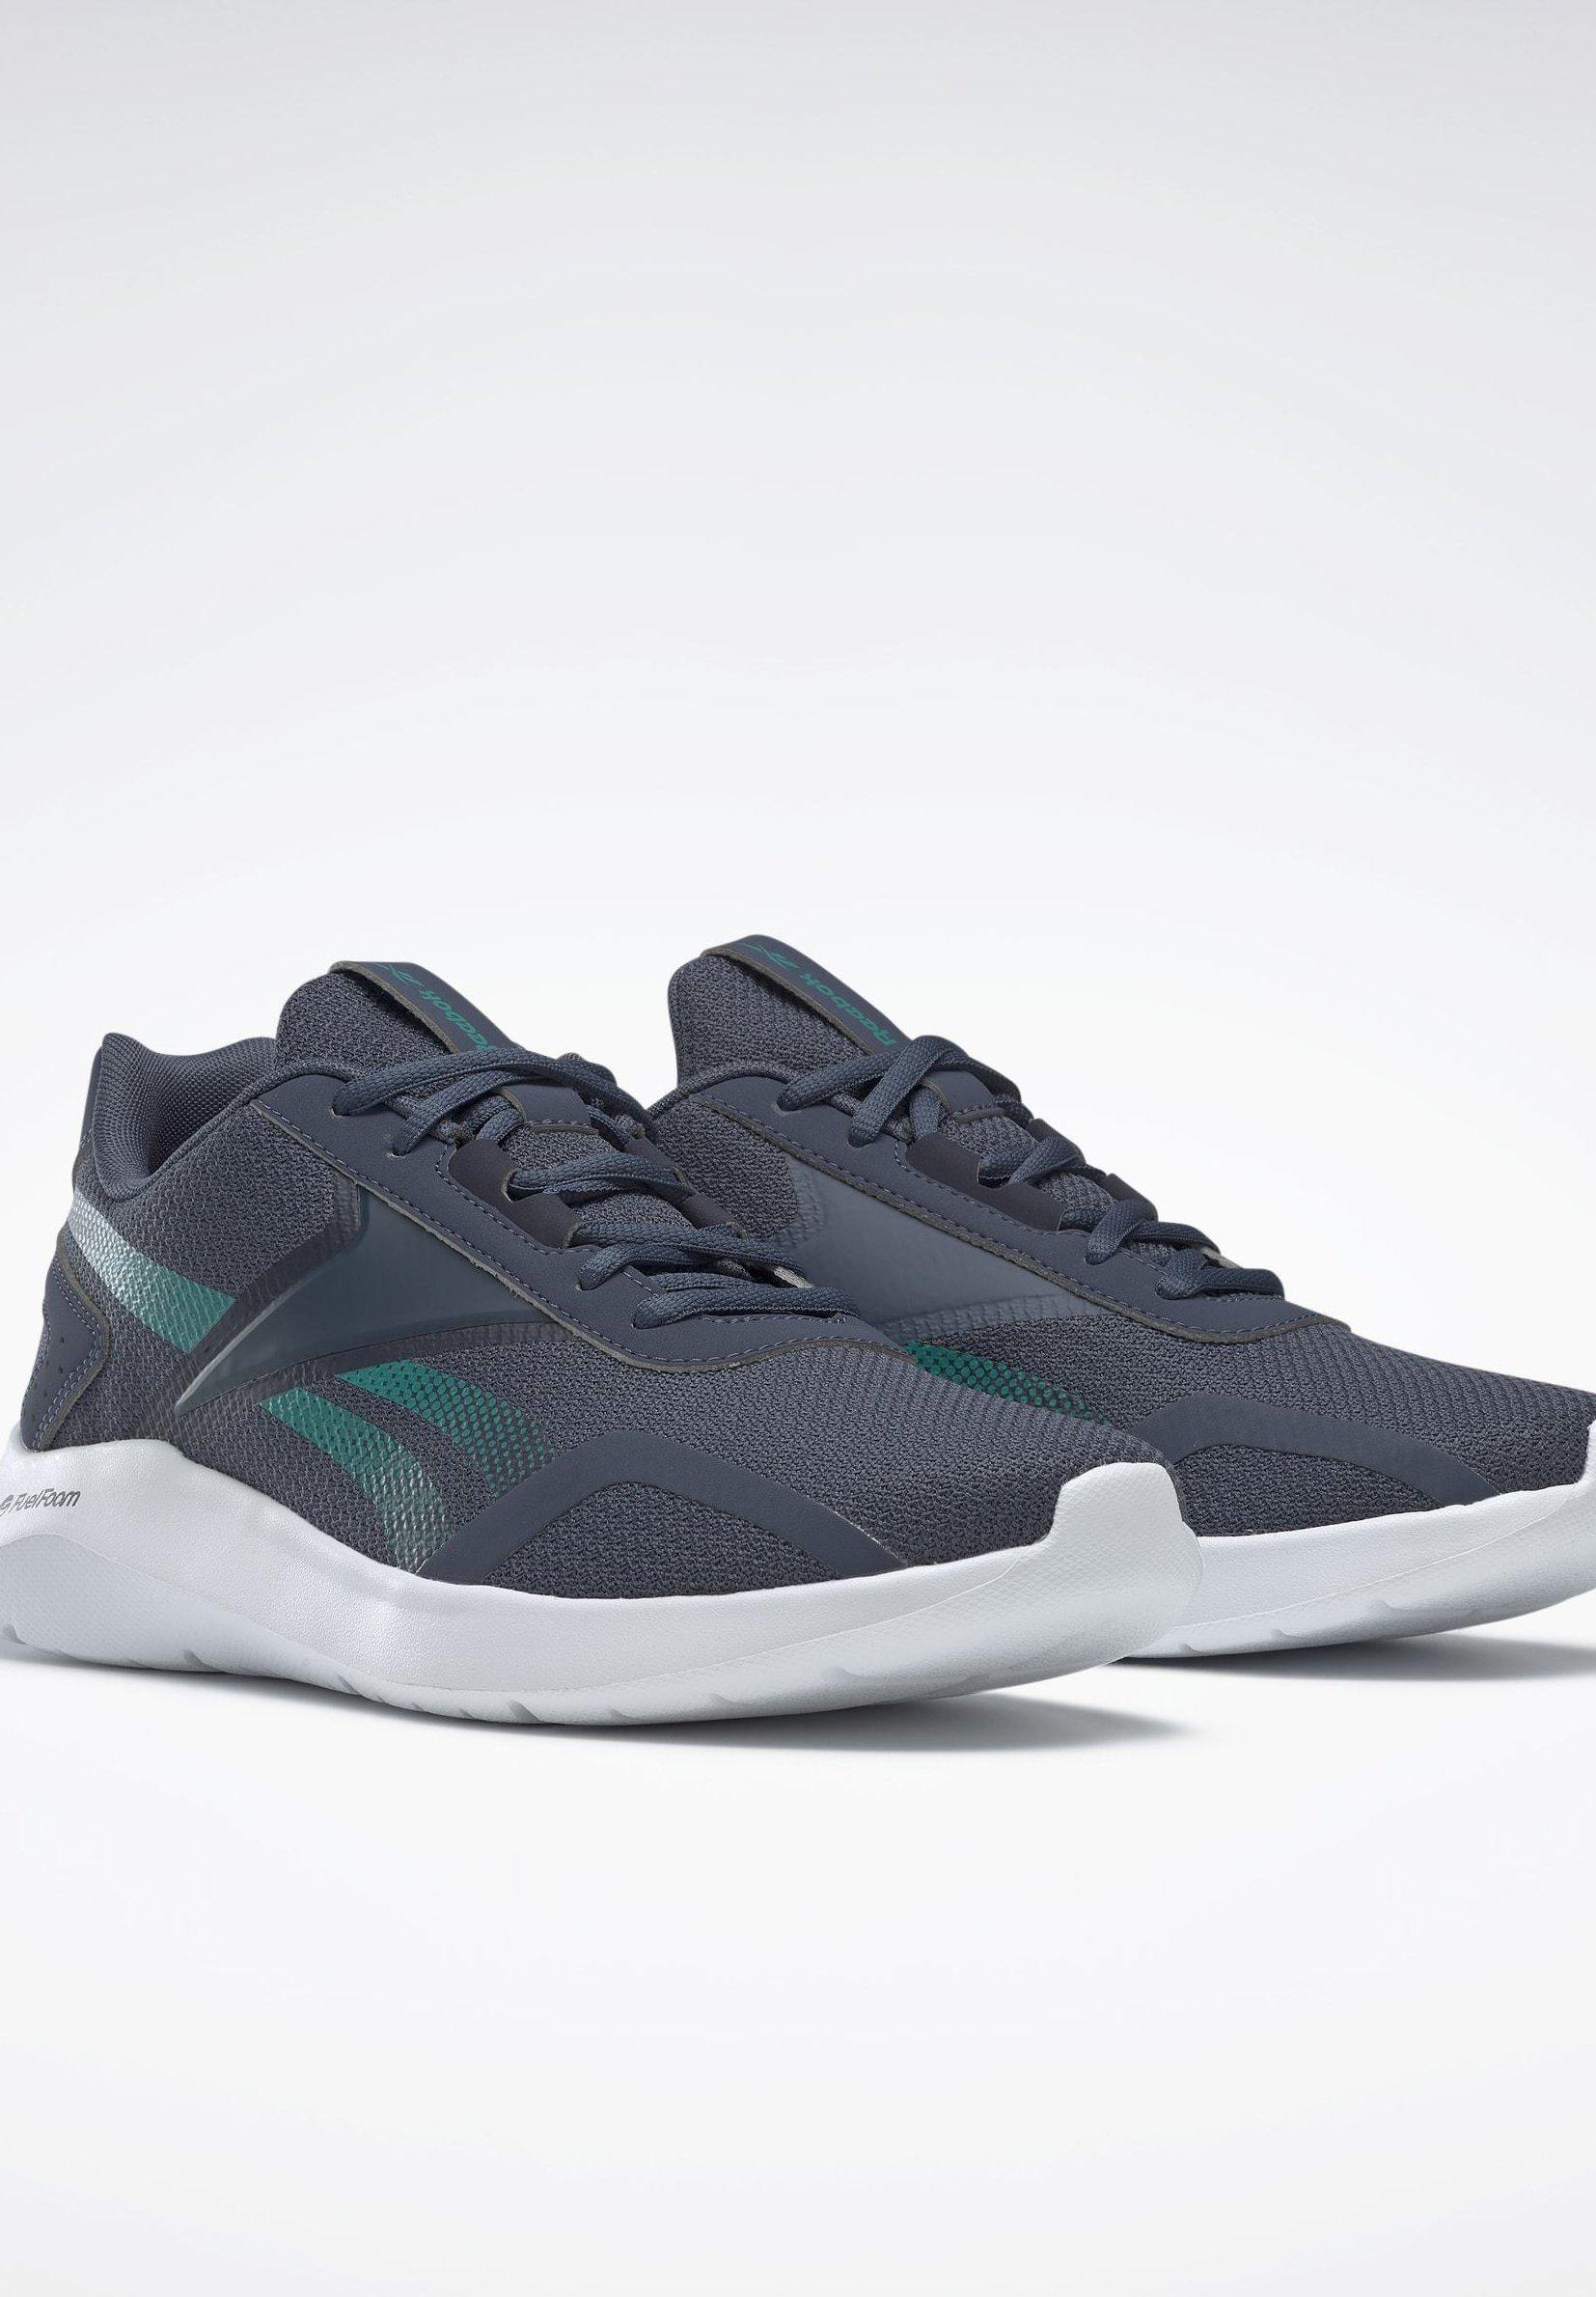 Reebok Energylux 2 Shoes - Neutrale Løbesko Blue